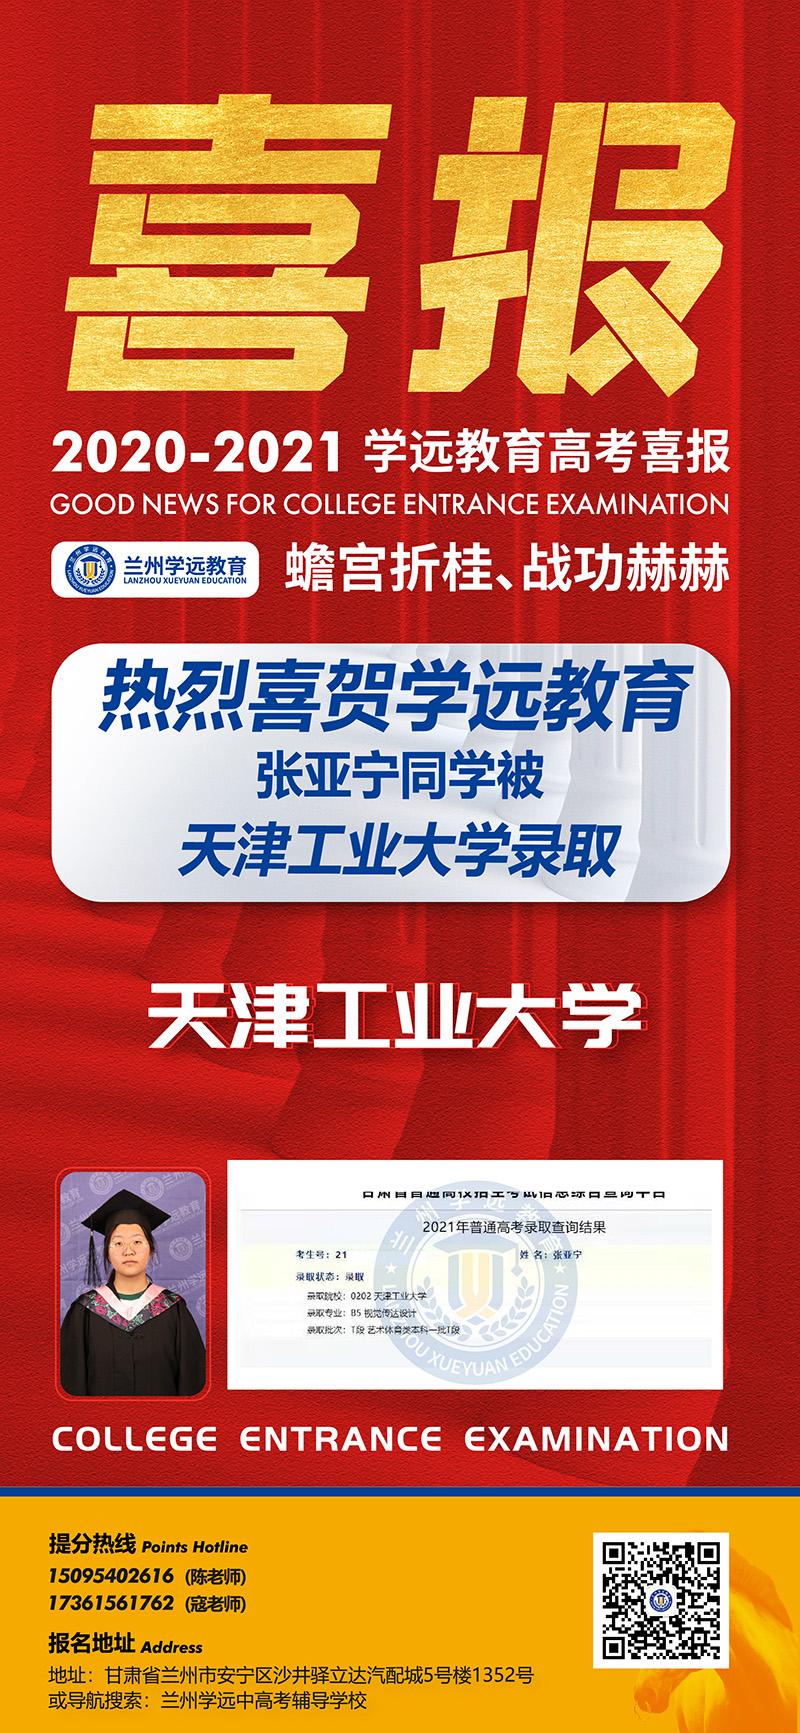 张亚宁同学被天津工业大学录取